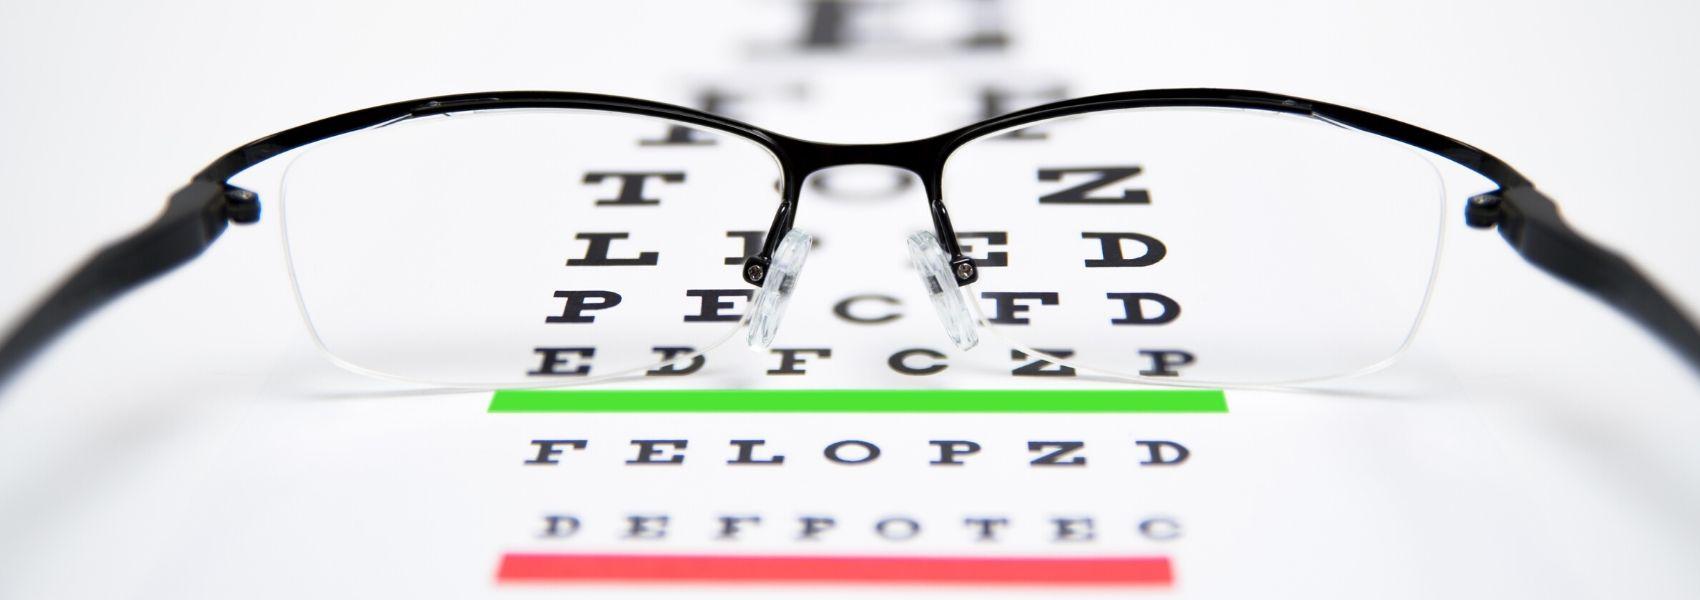 consultas de oftalmologia gratuitas